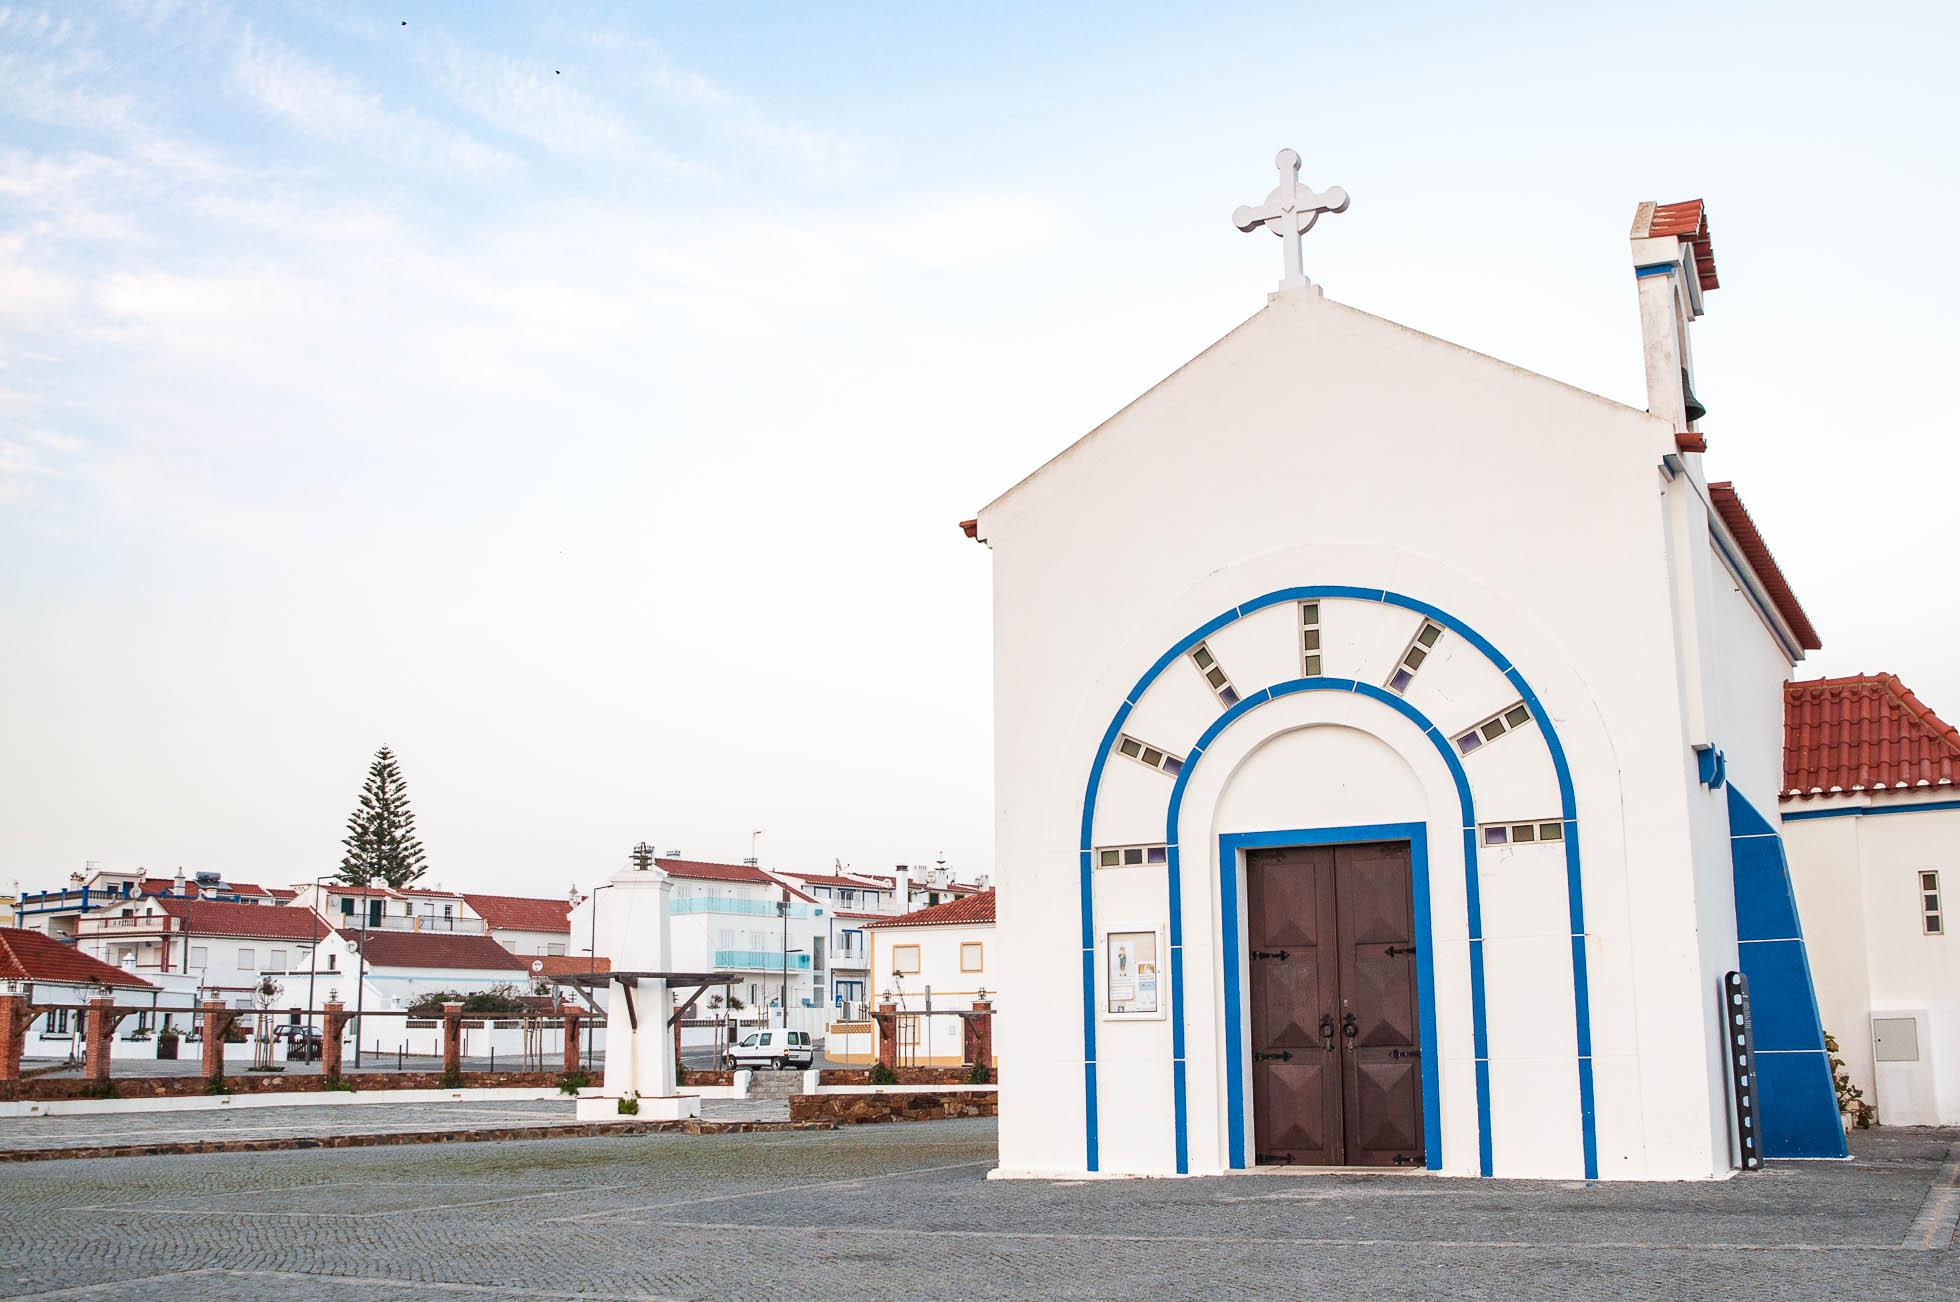 Zambujeira église